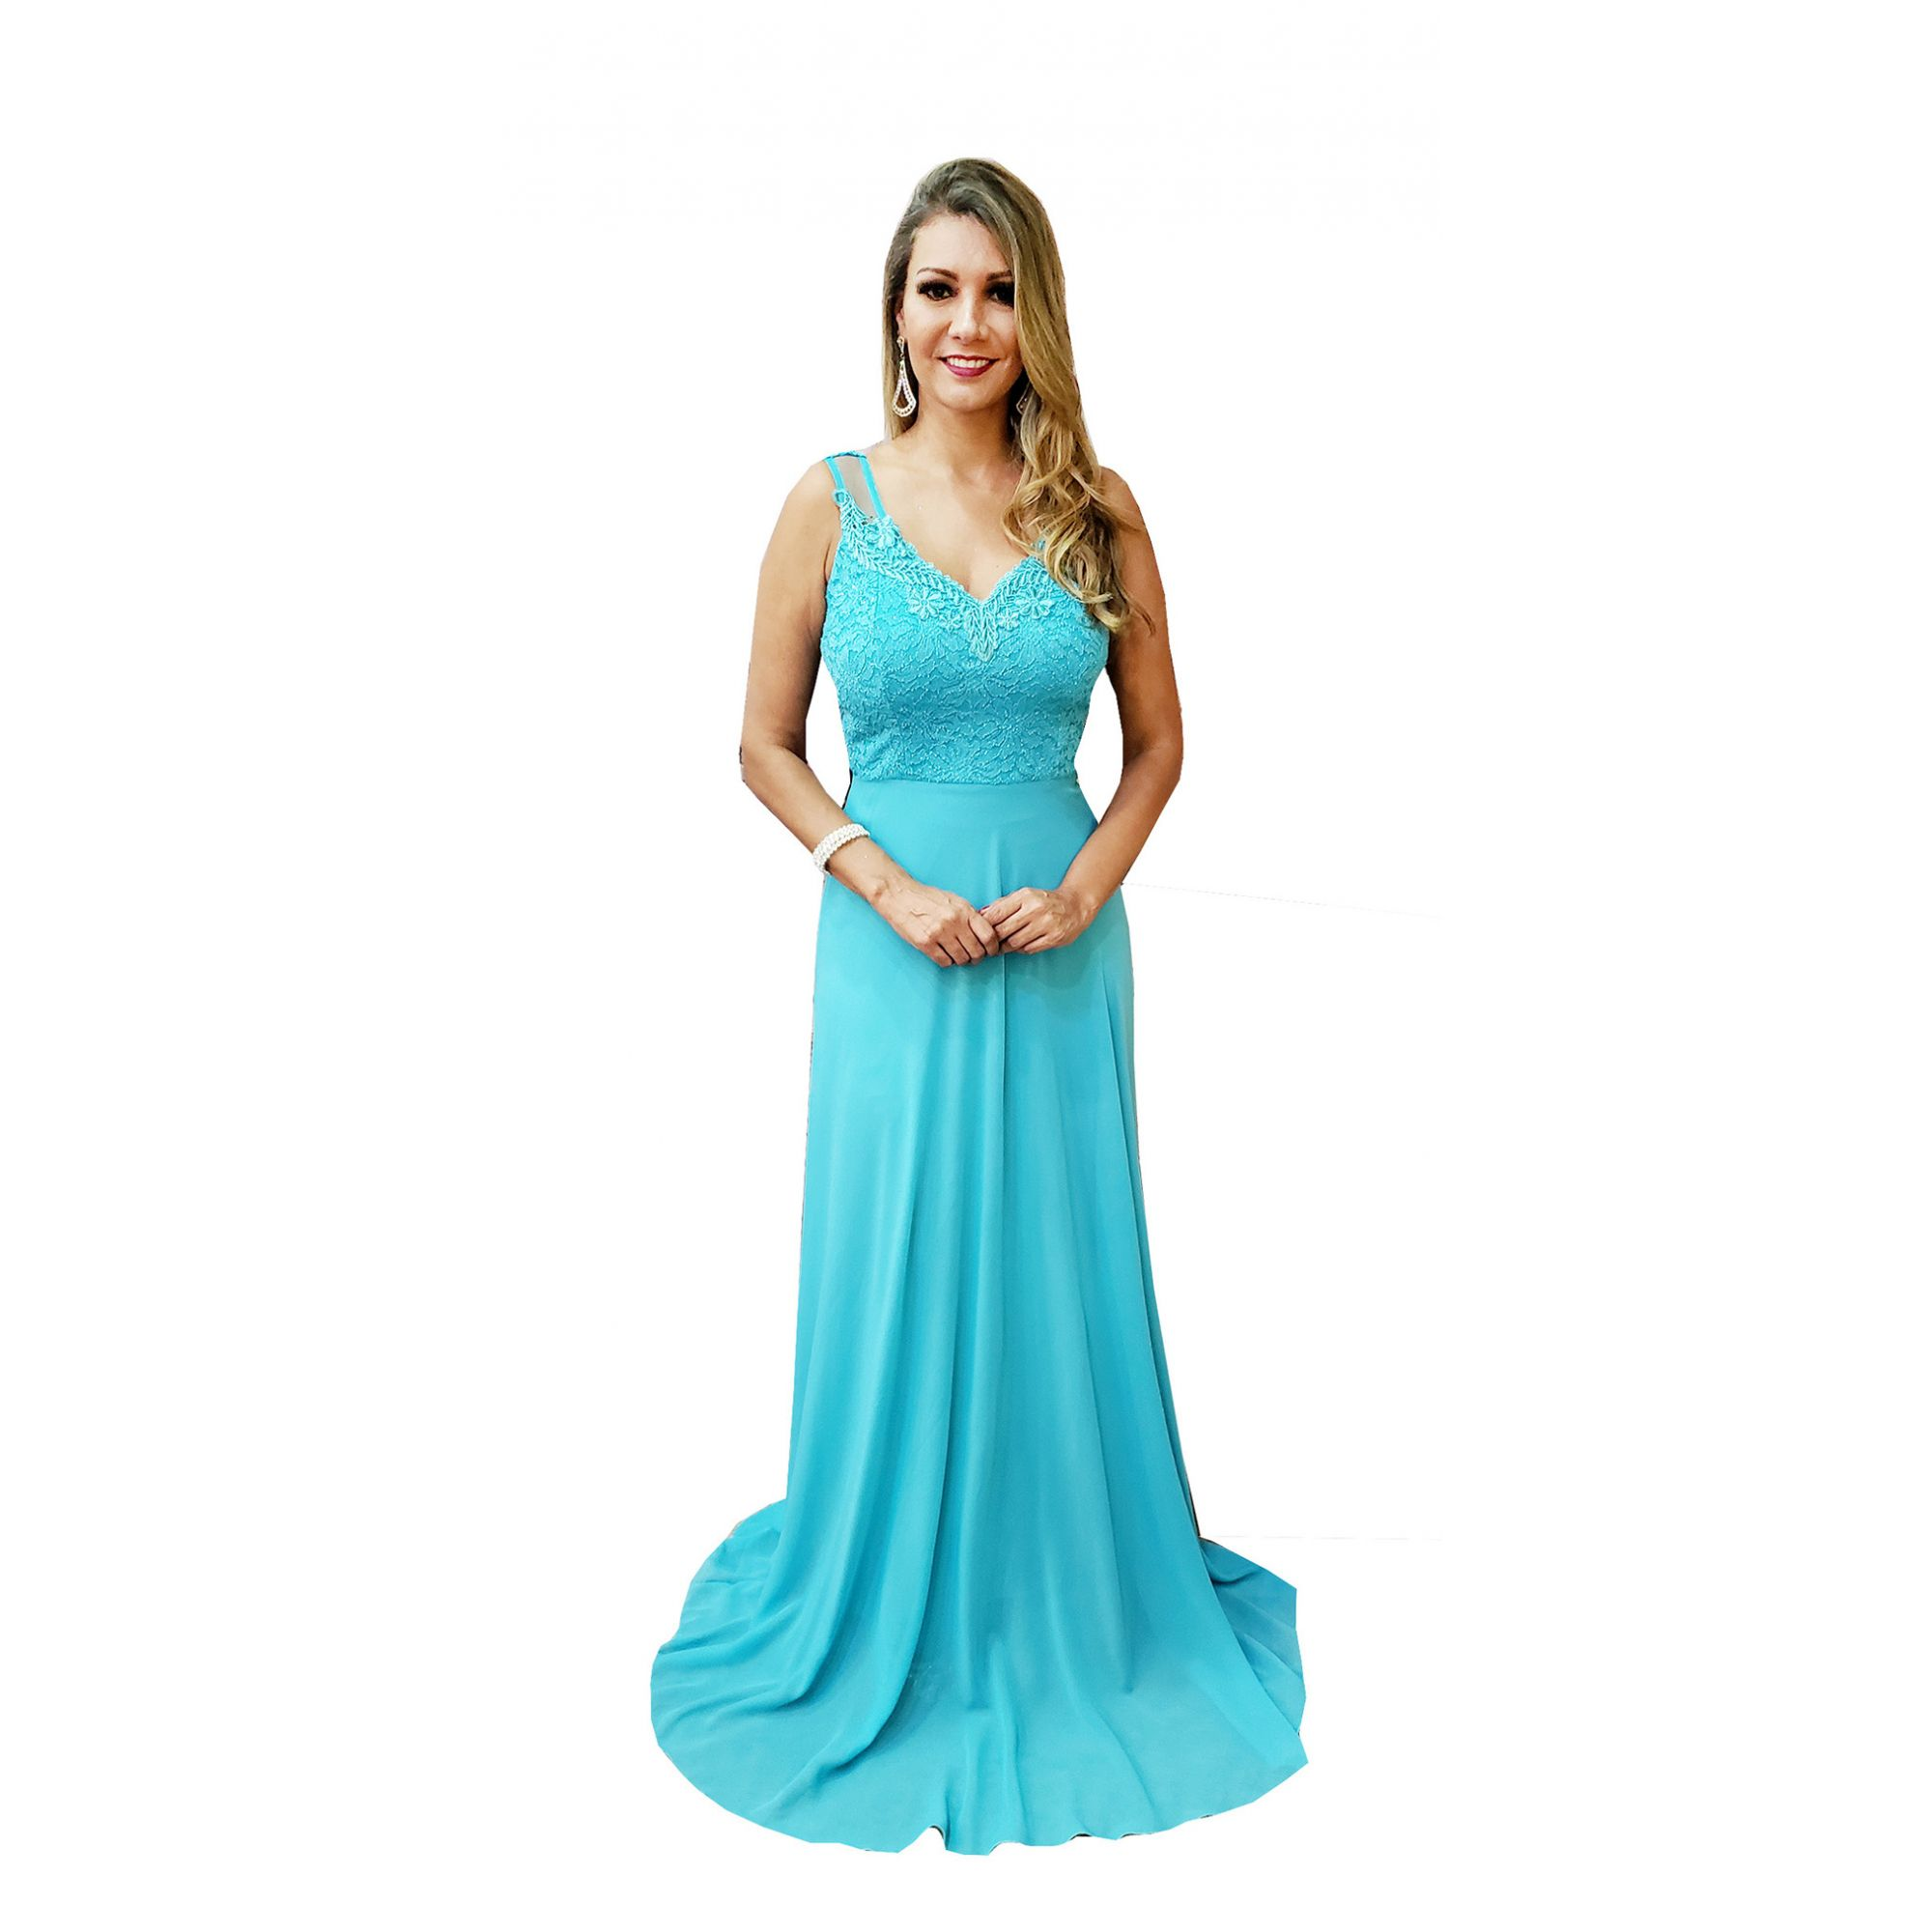 6c673e0f33a8 Vestido Festa Azul Tiffany , Casamento, Madrinha , Formatura - Grife Velasco